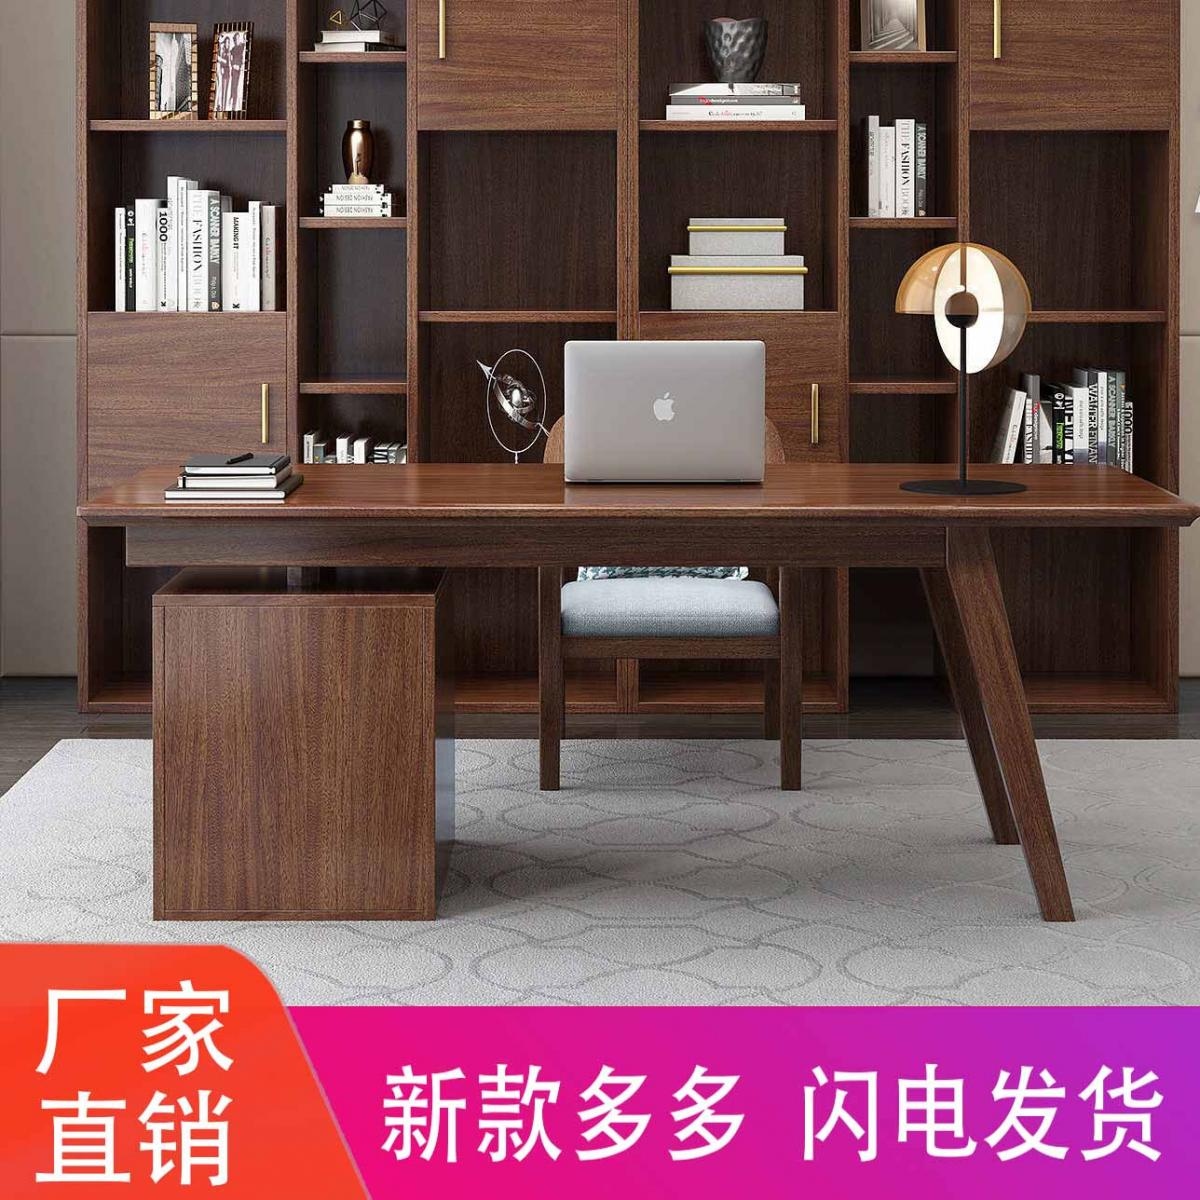 新中式实木书桌椅组合现代简约书柜写字台画案书房禅意书架办公室